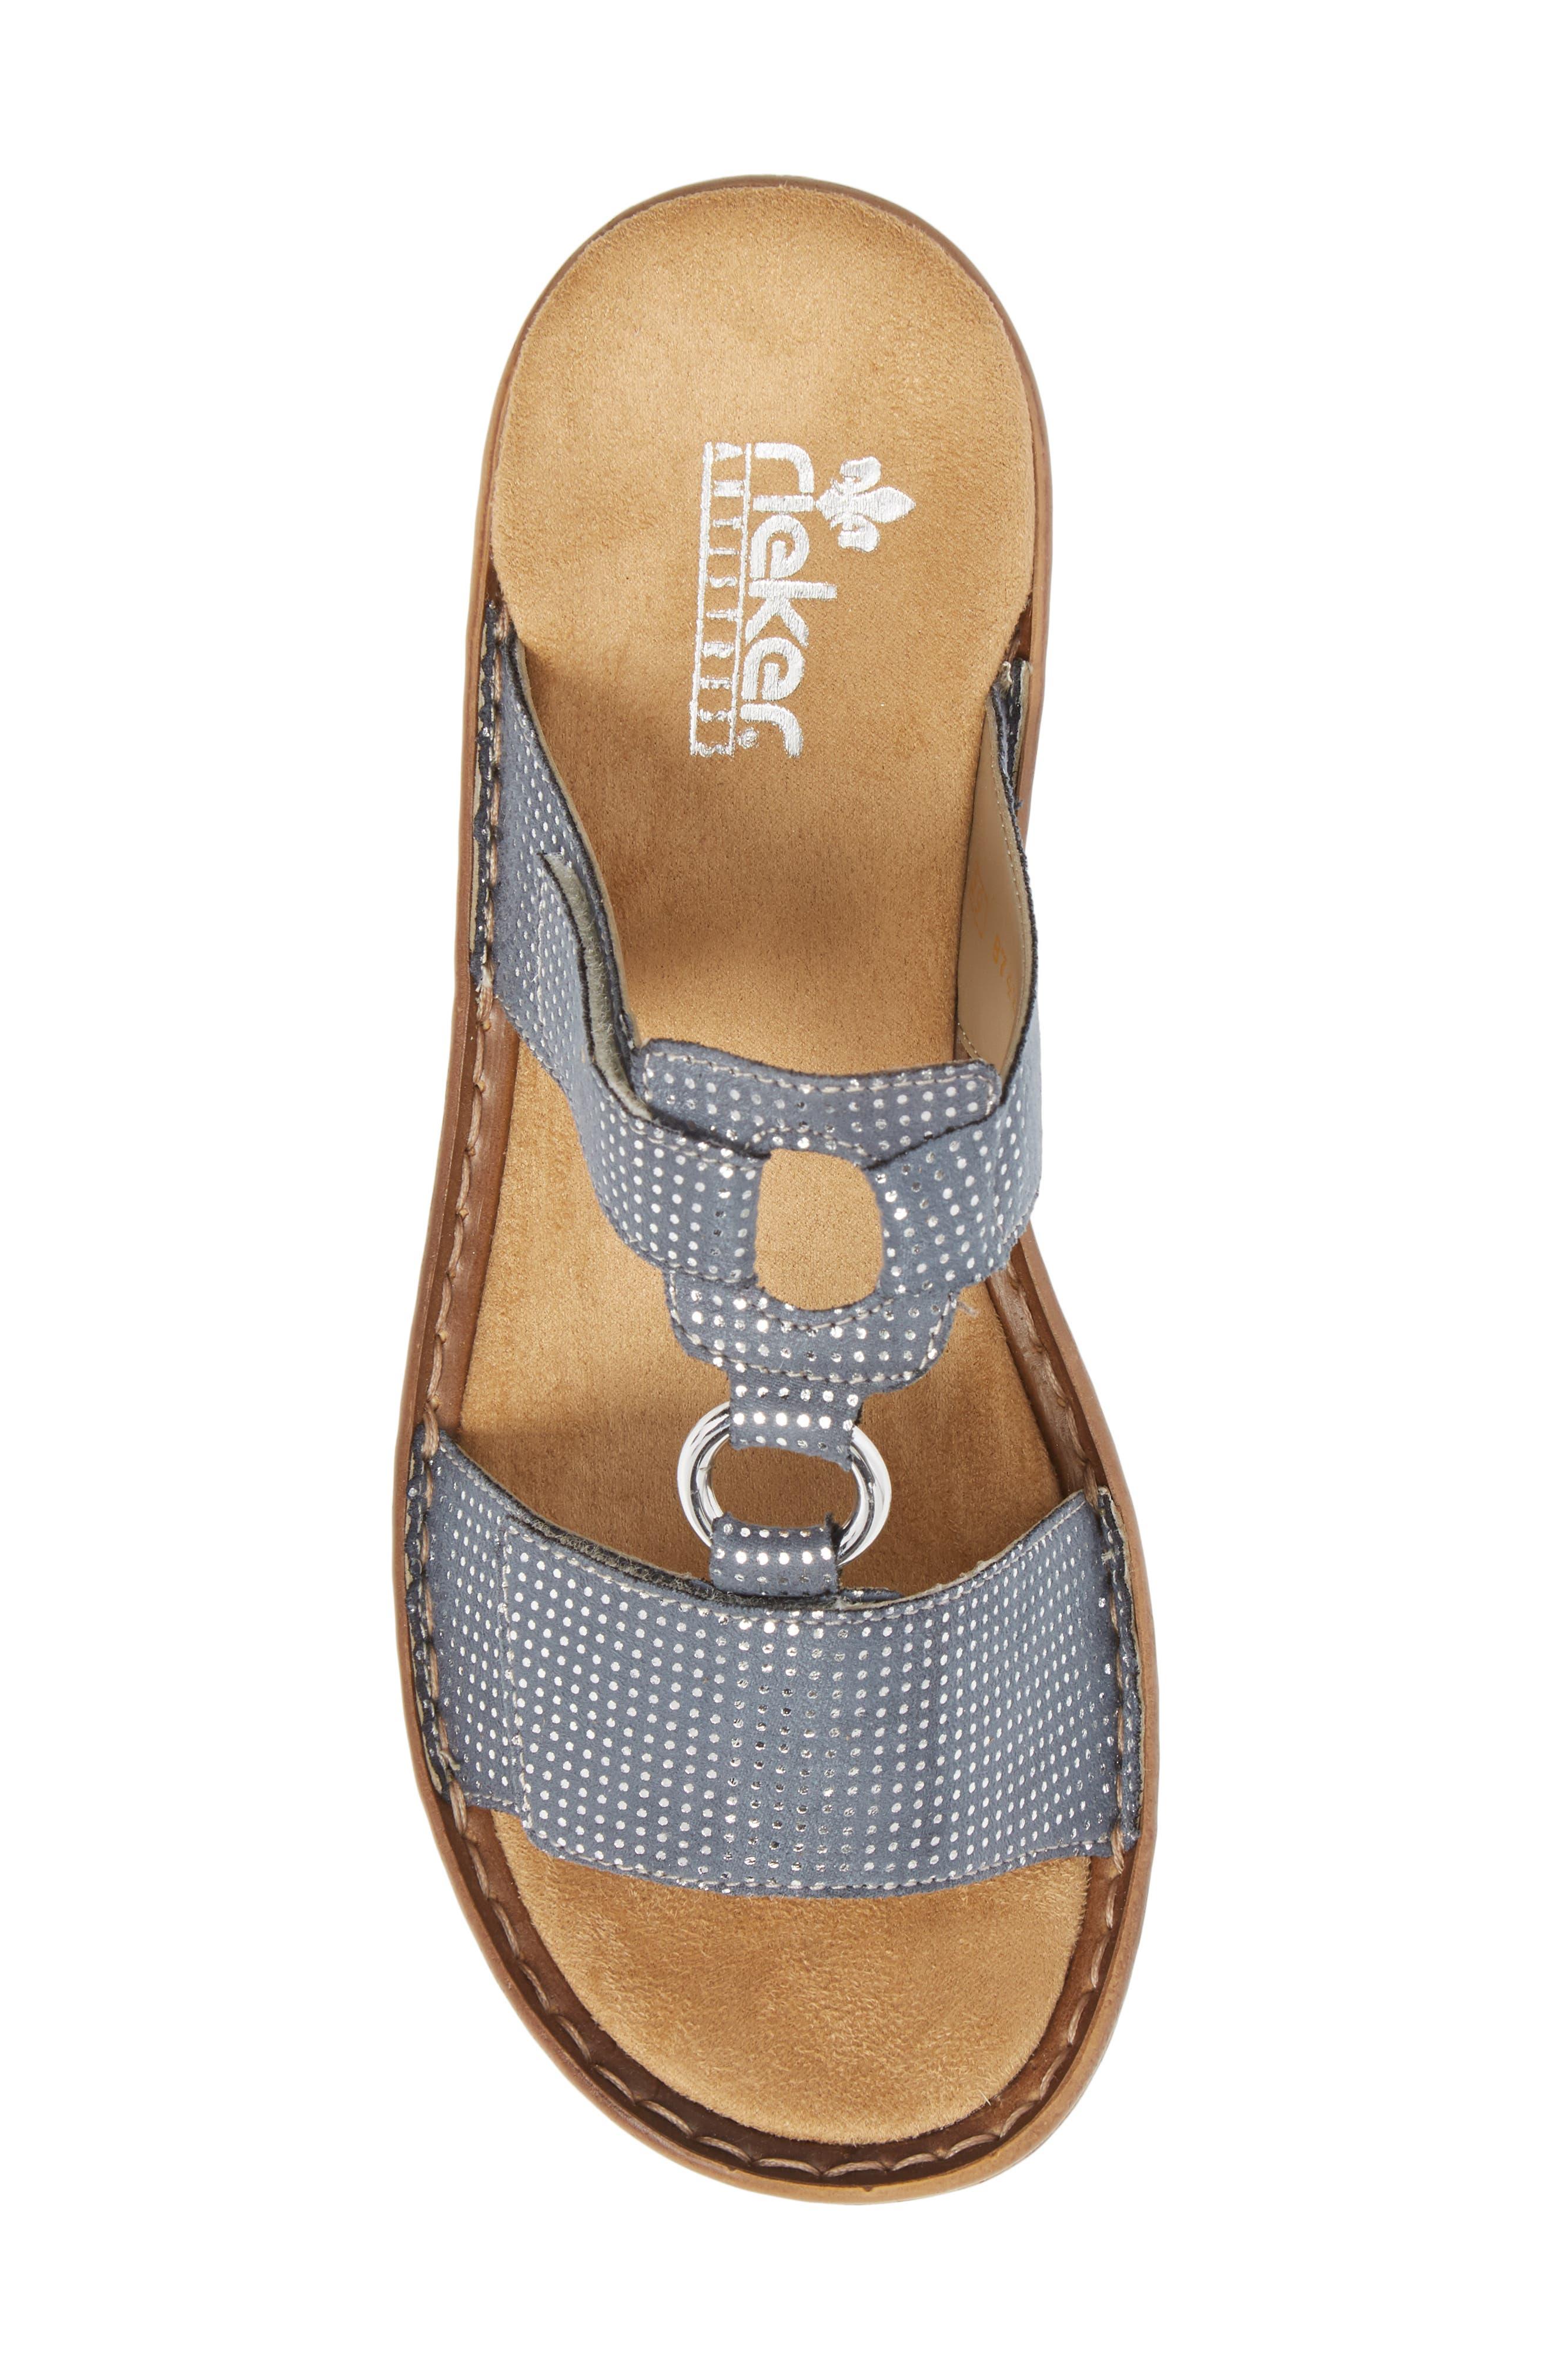 Regina P9 Slide Sandal,                             Alternate thumbnail 5, color,                             White Denim Fabric